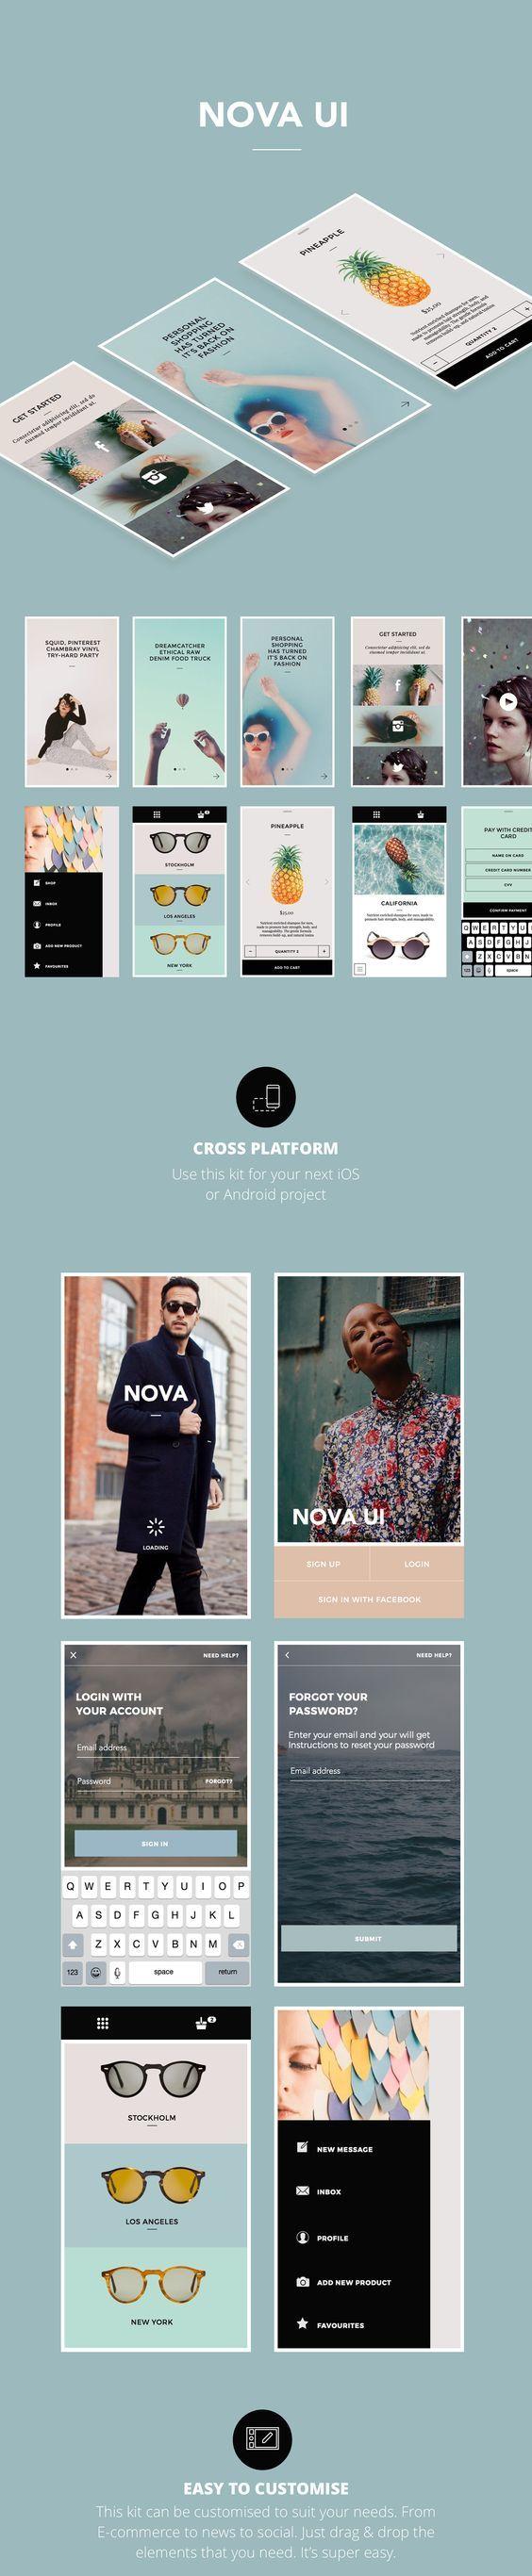 Nova App UI on Behance: Like and Repin. Thx Noelito Flow. http://www.instagram.com/noelitoflow